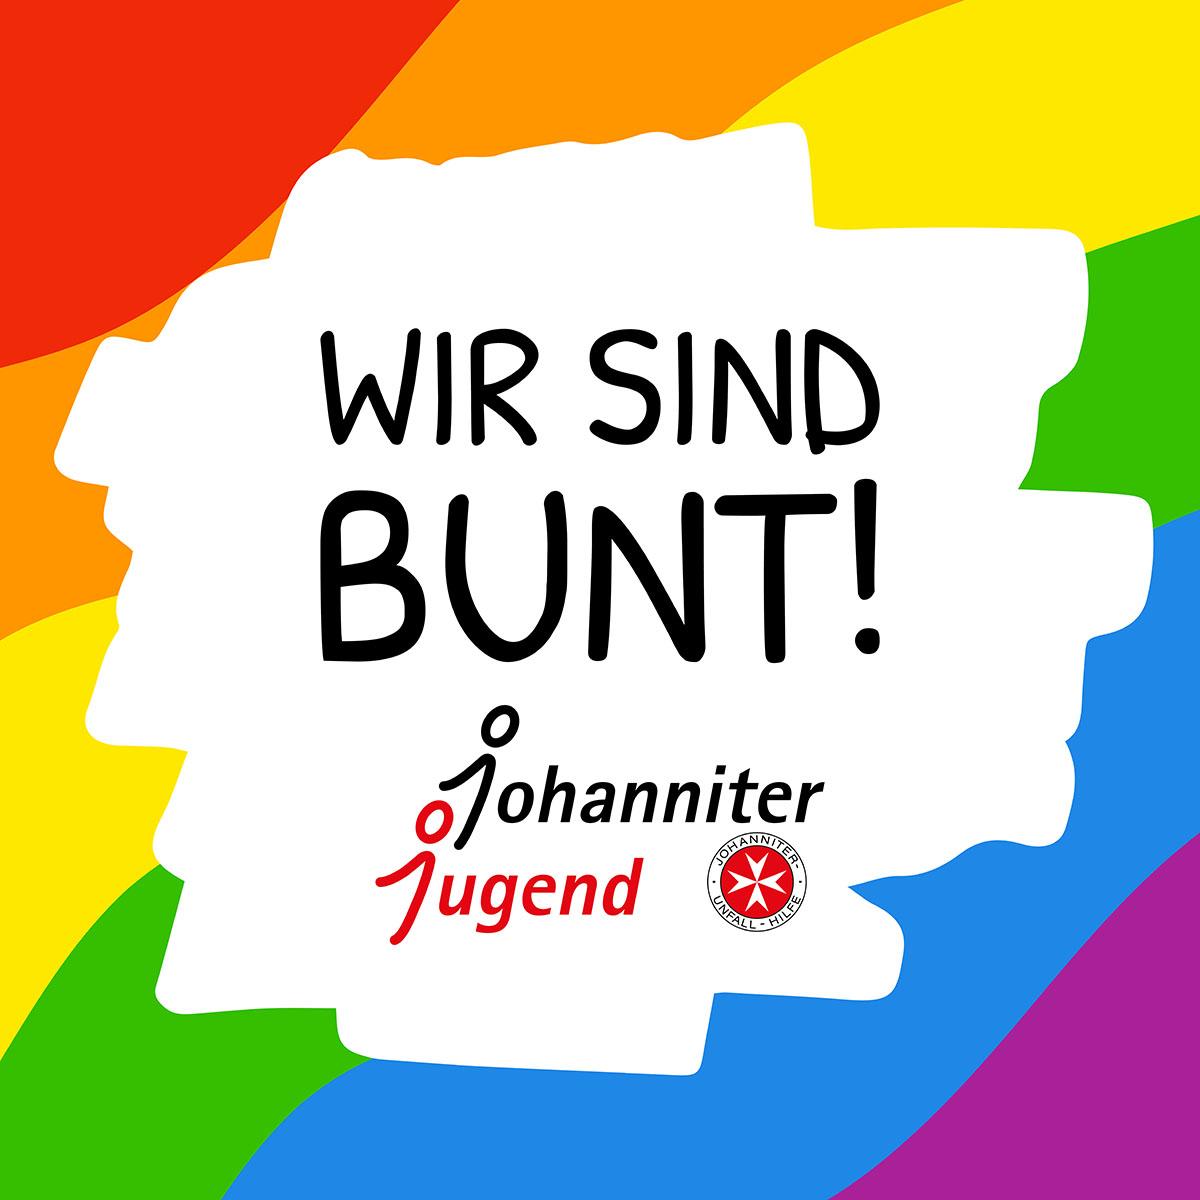 """EIn Schriftzug """"Wir sind bunt"""" steht auf einem bunten Hintergrund. Darunter das Johanniter-Jugend-Logo."""